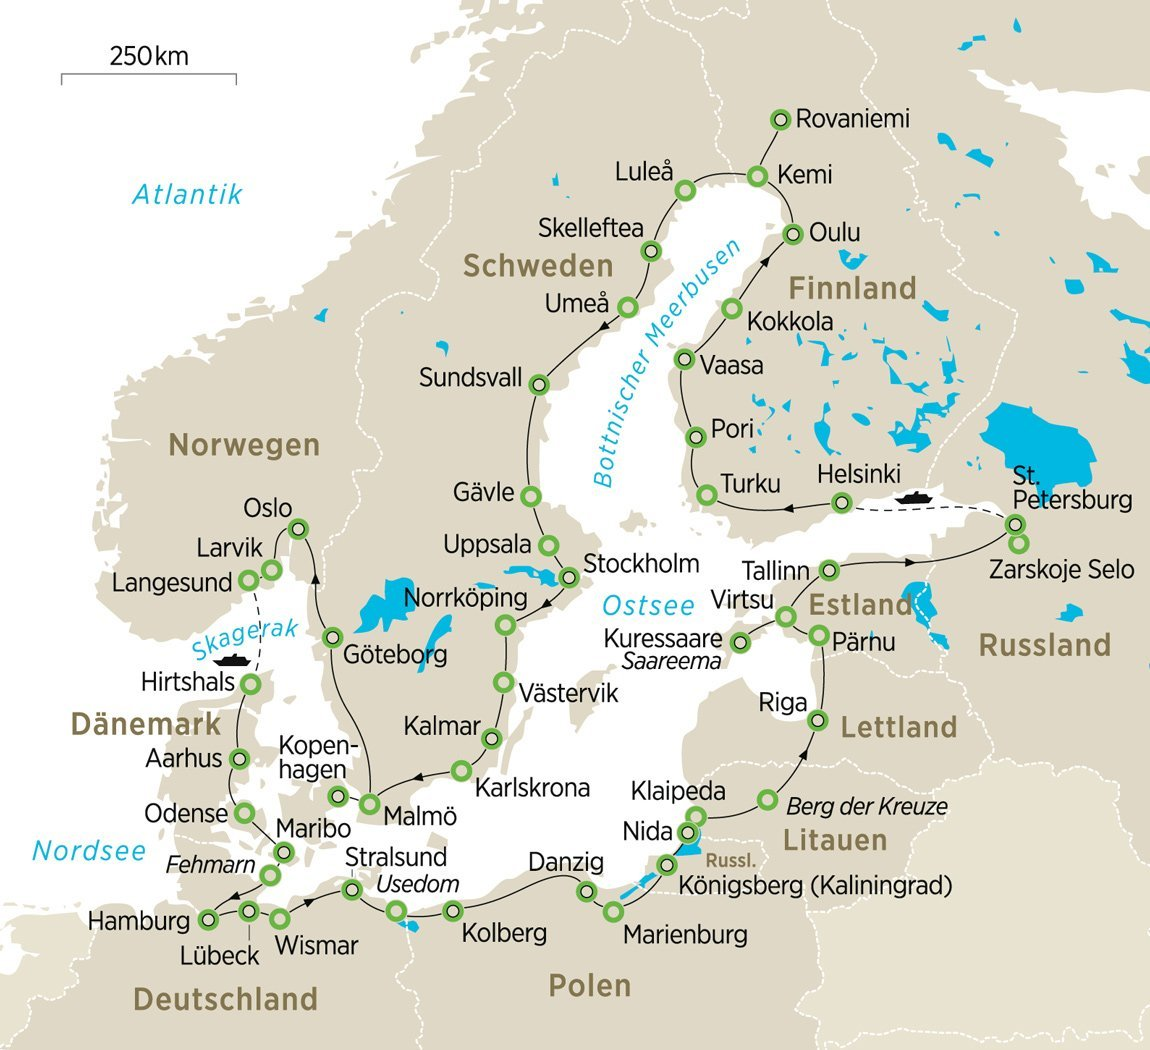 ZEIT-Reise 2021: Mit dem Bus rund um die Ostsee